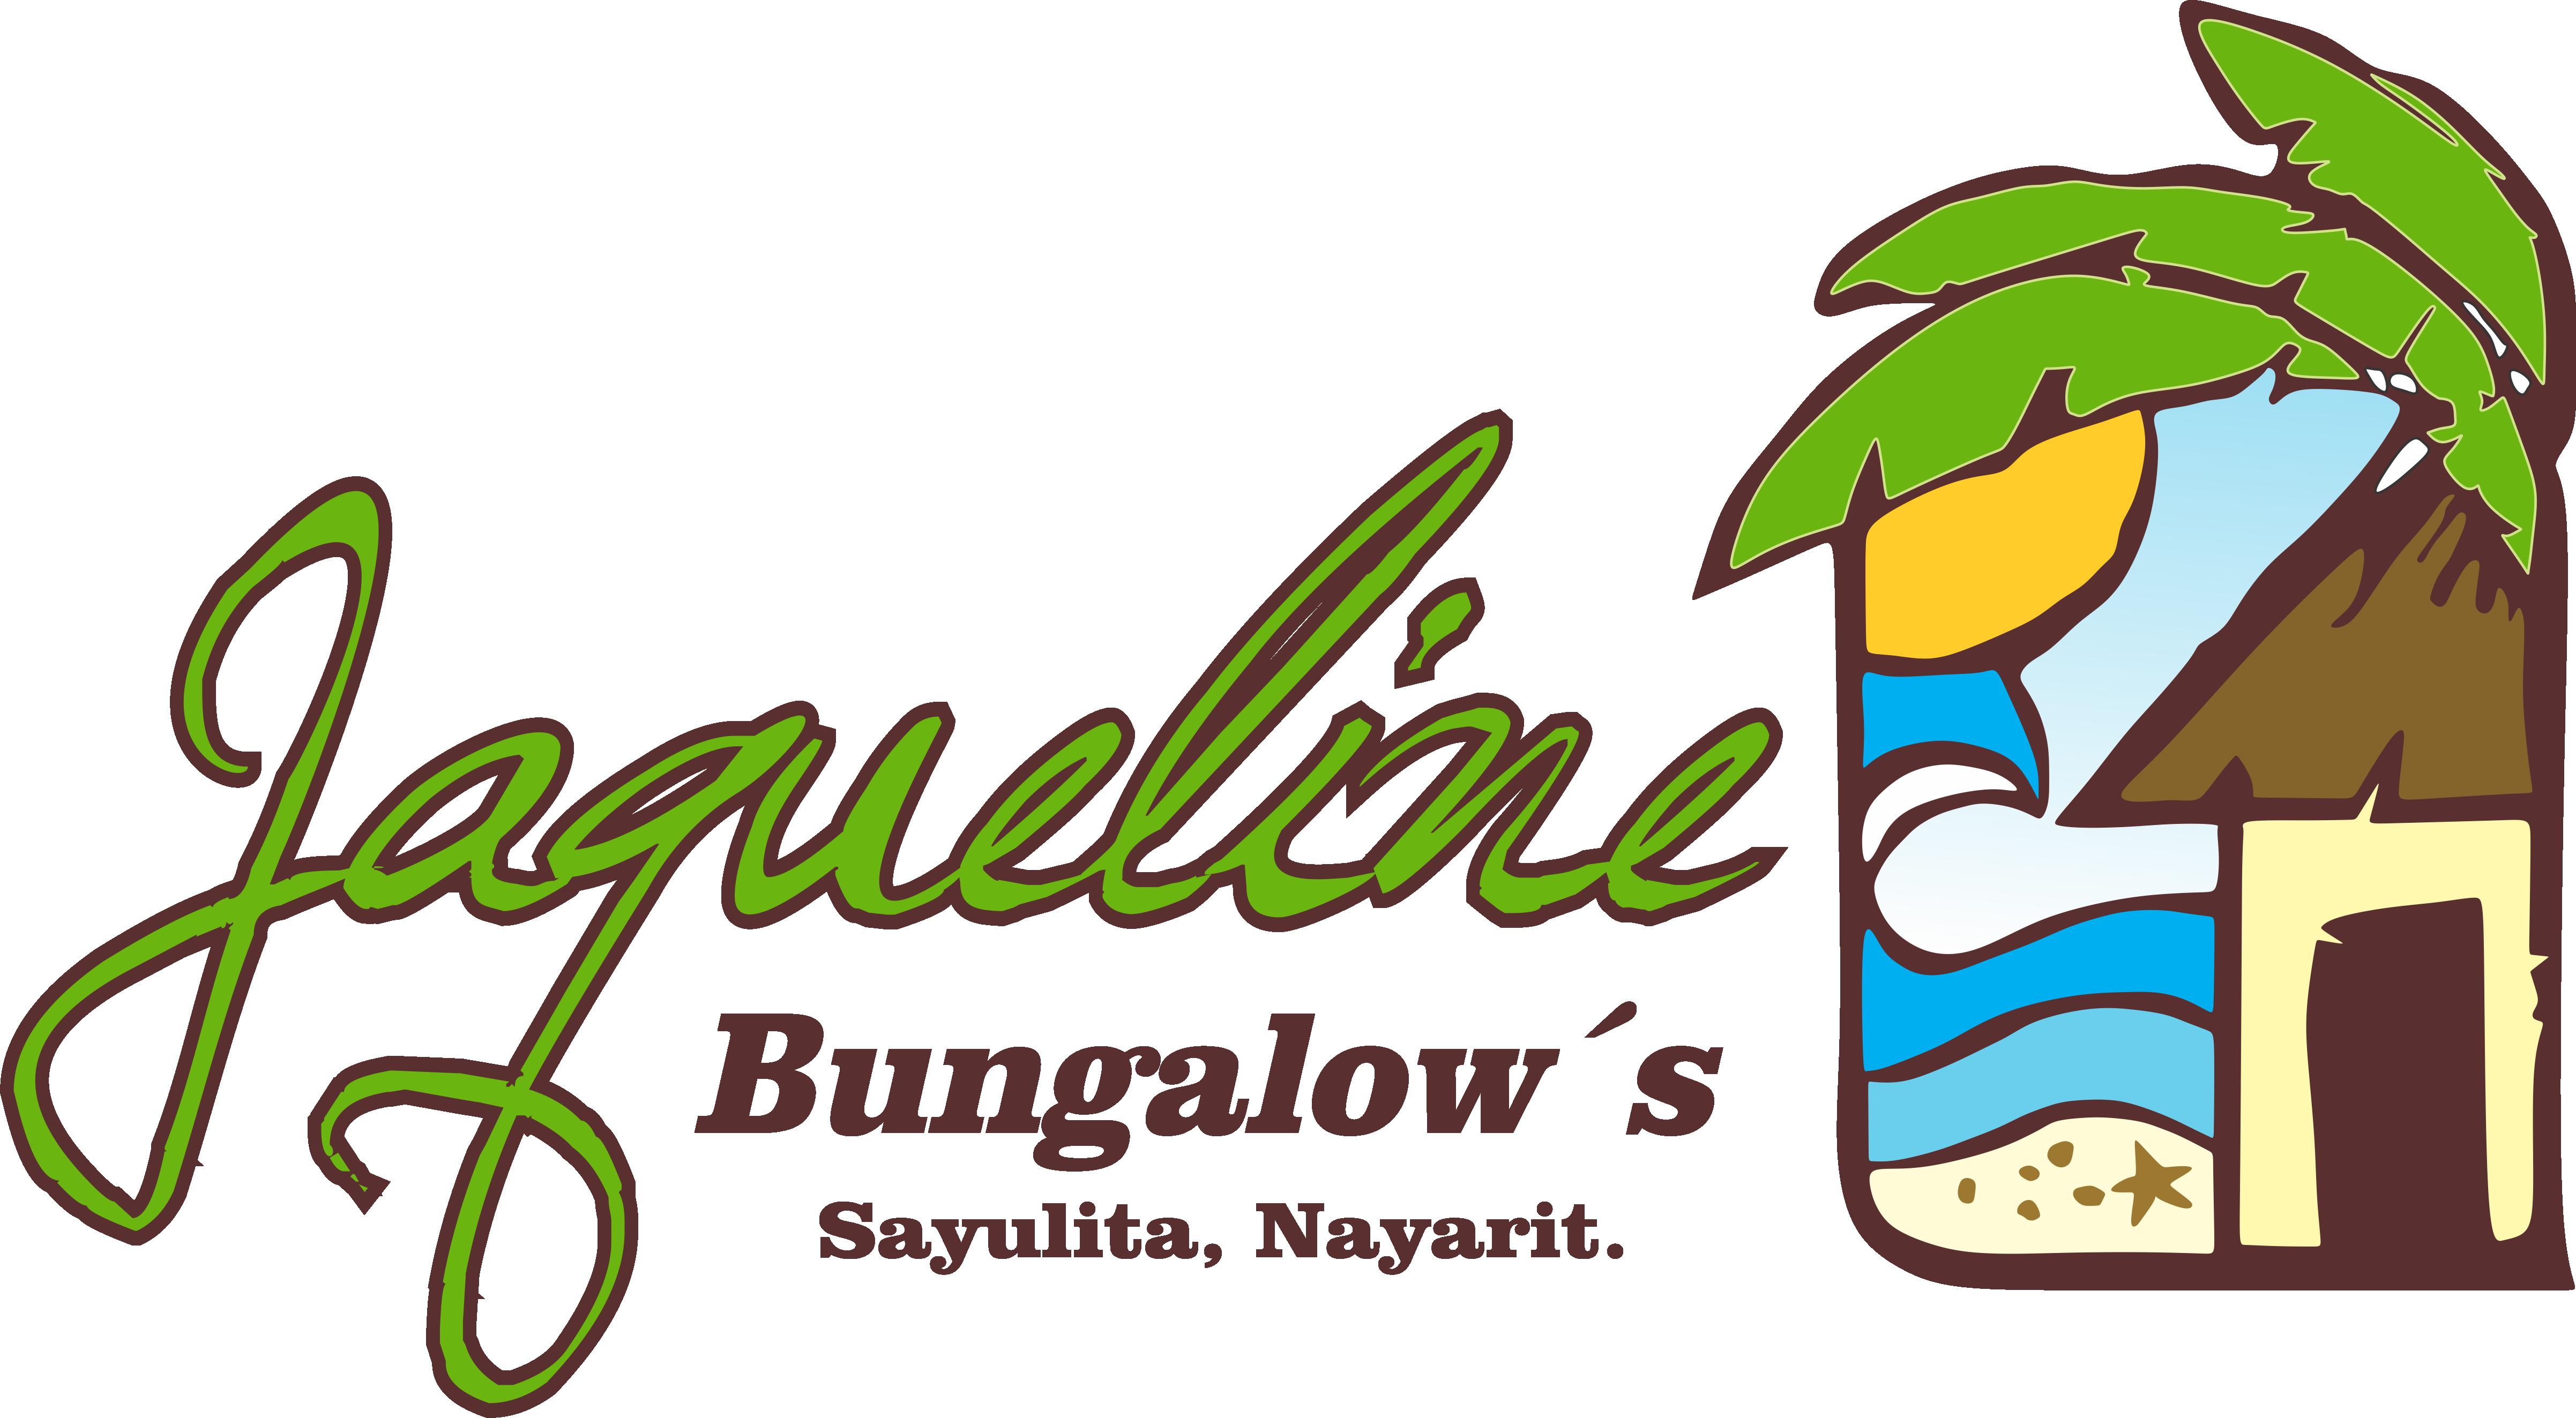 Bungalows Jaqueline